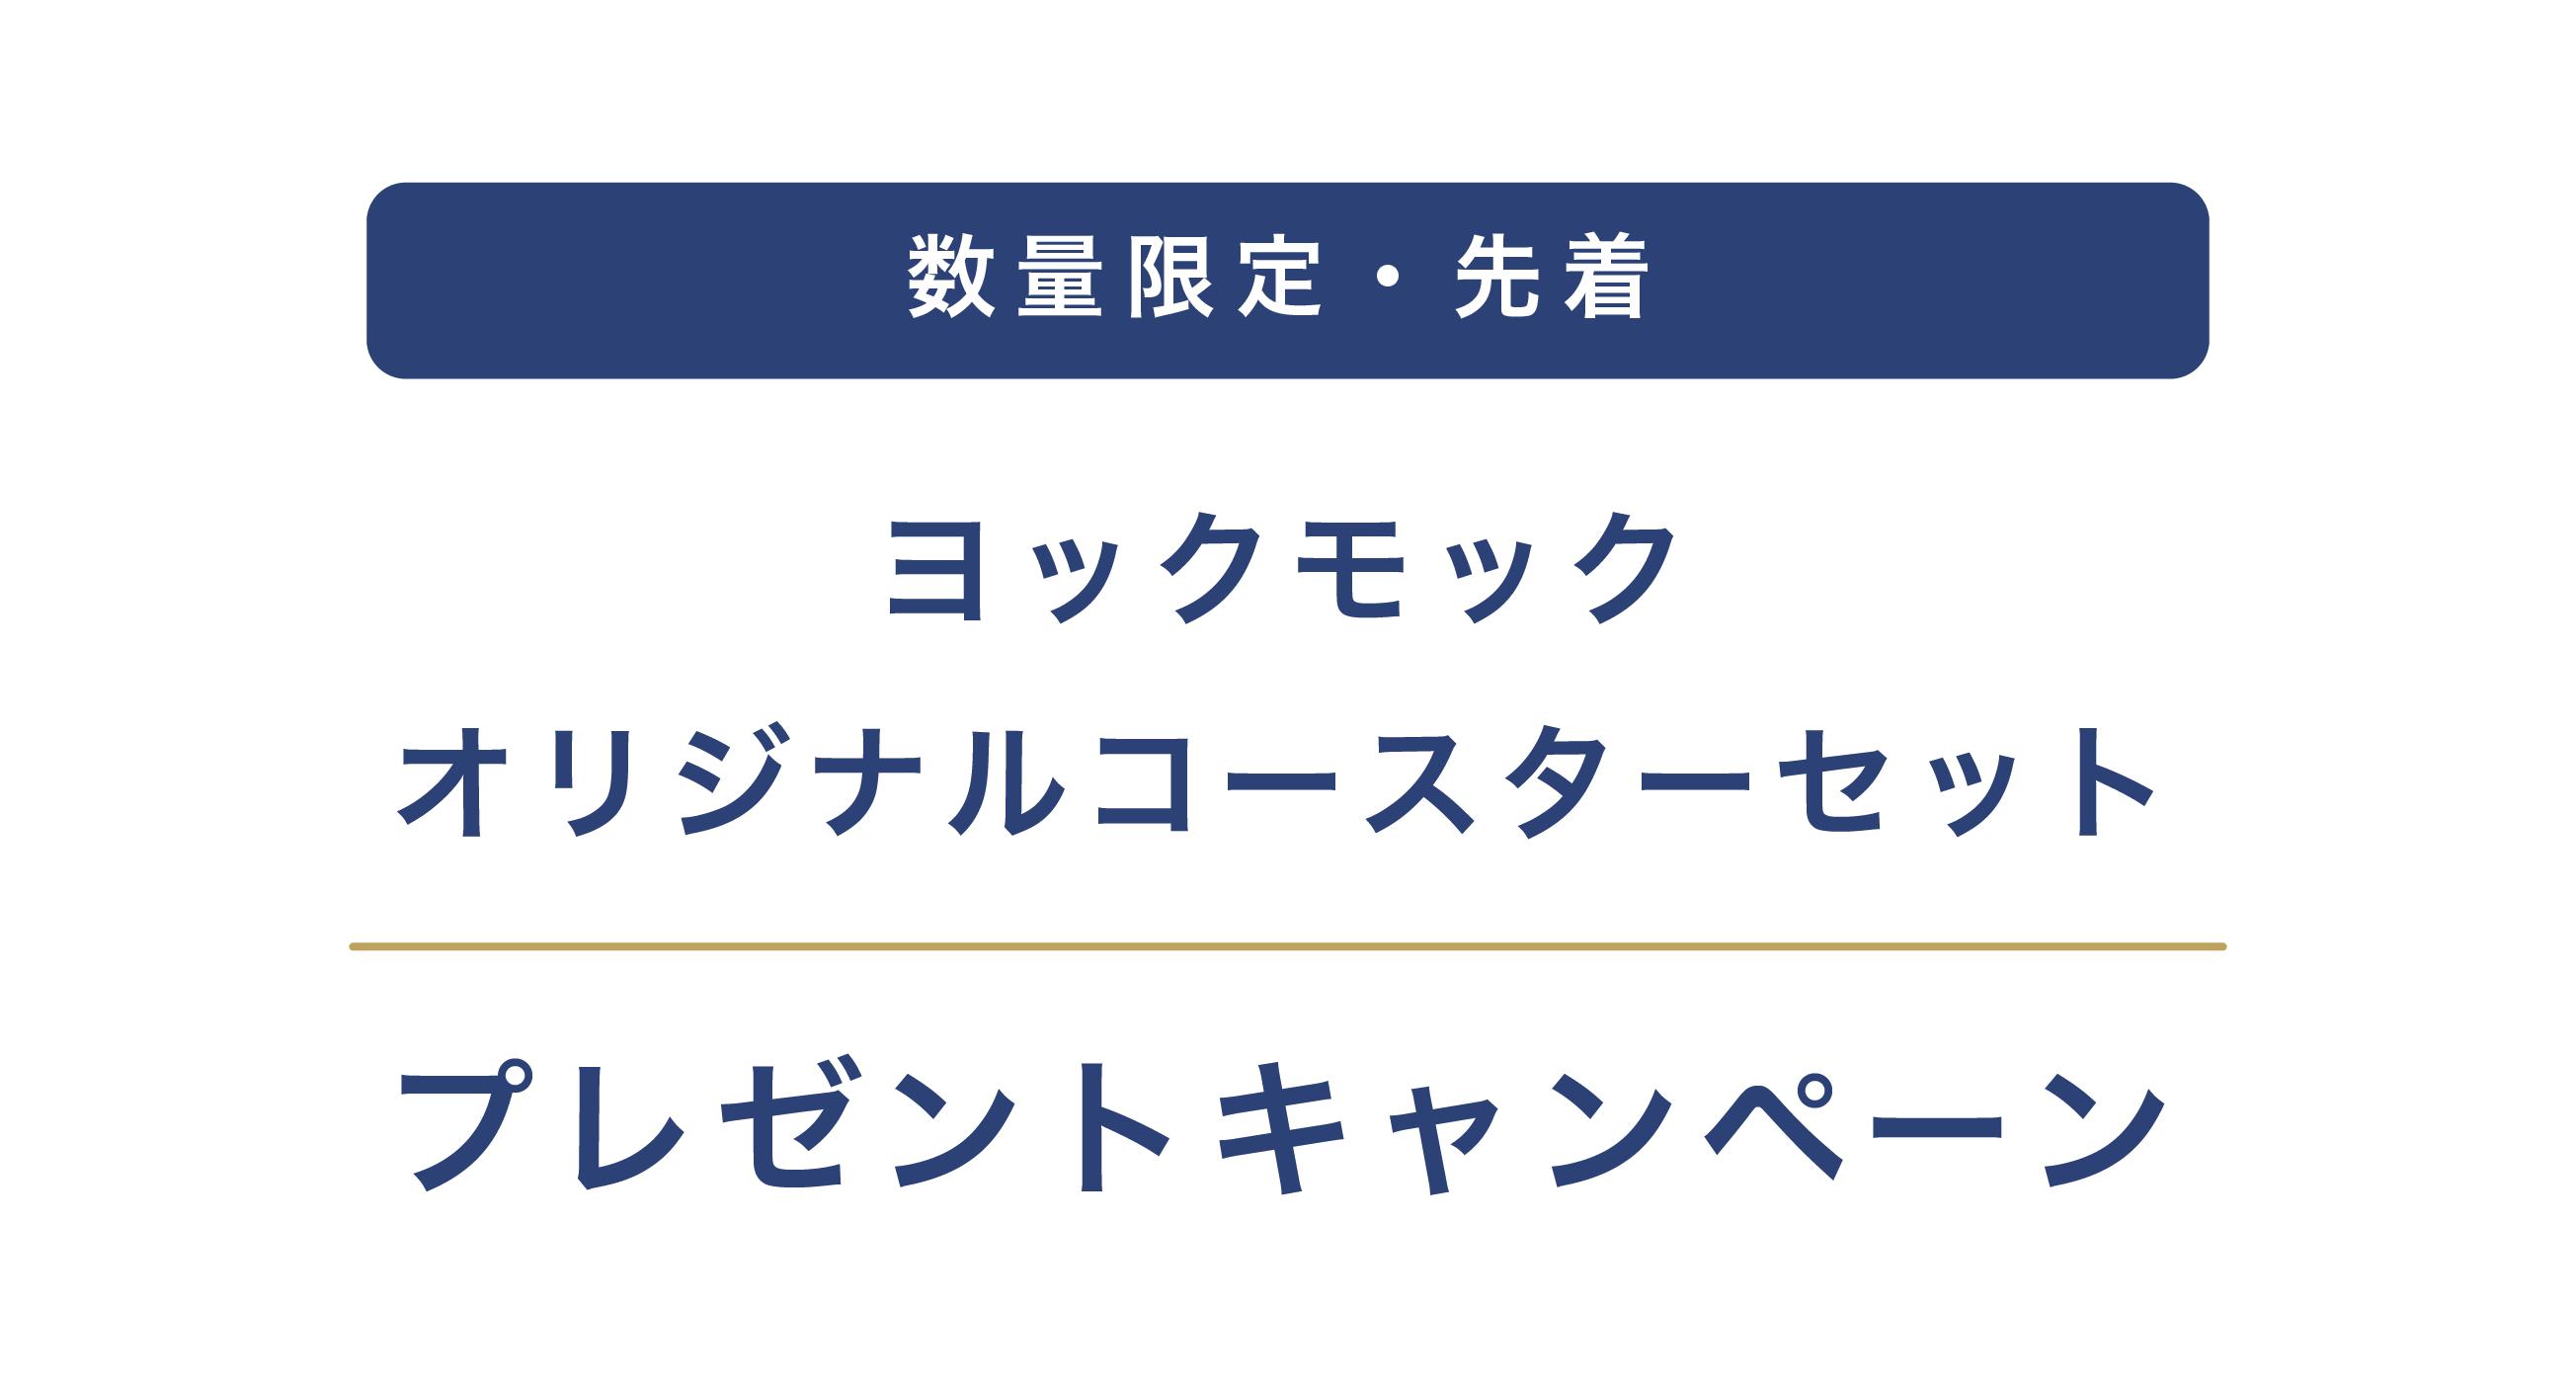 ヨックモック オリジナルコースターセット プレゼントキャンペーン